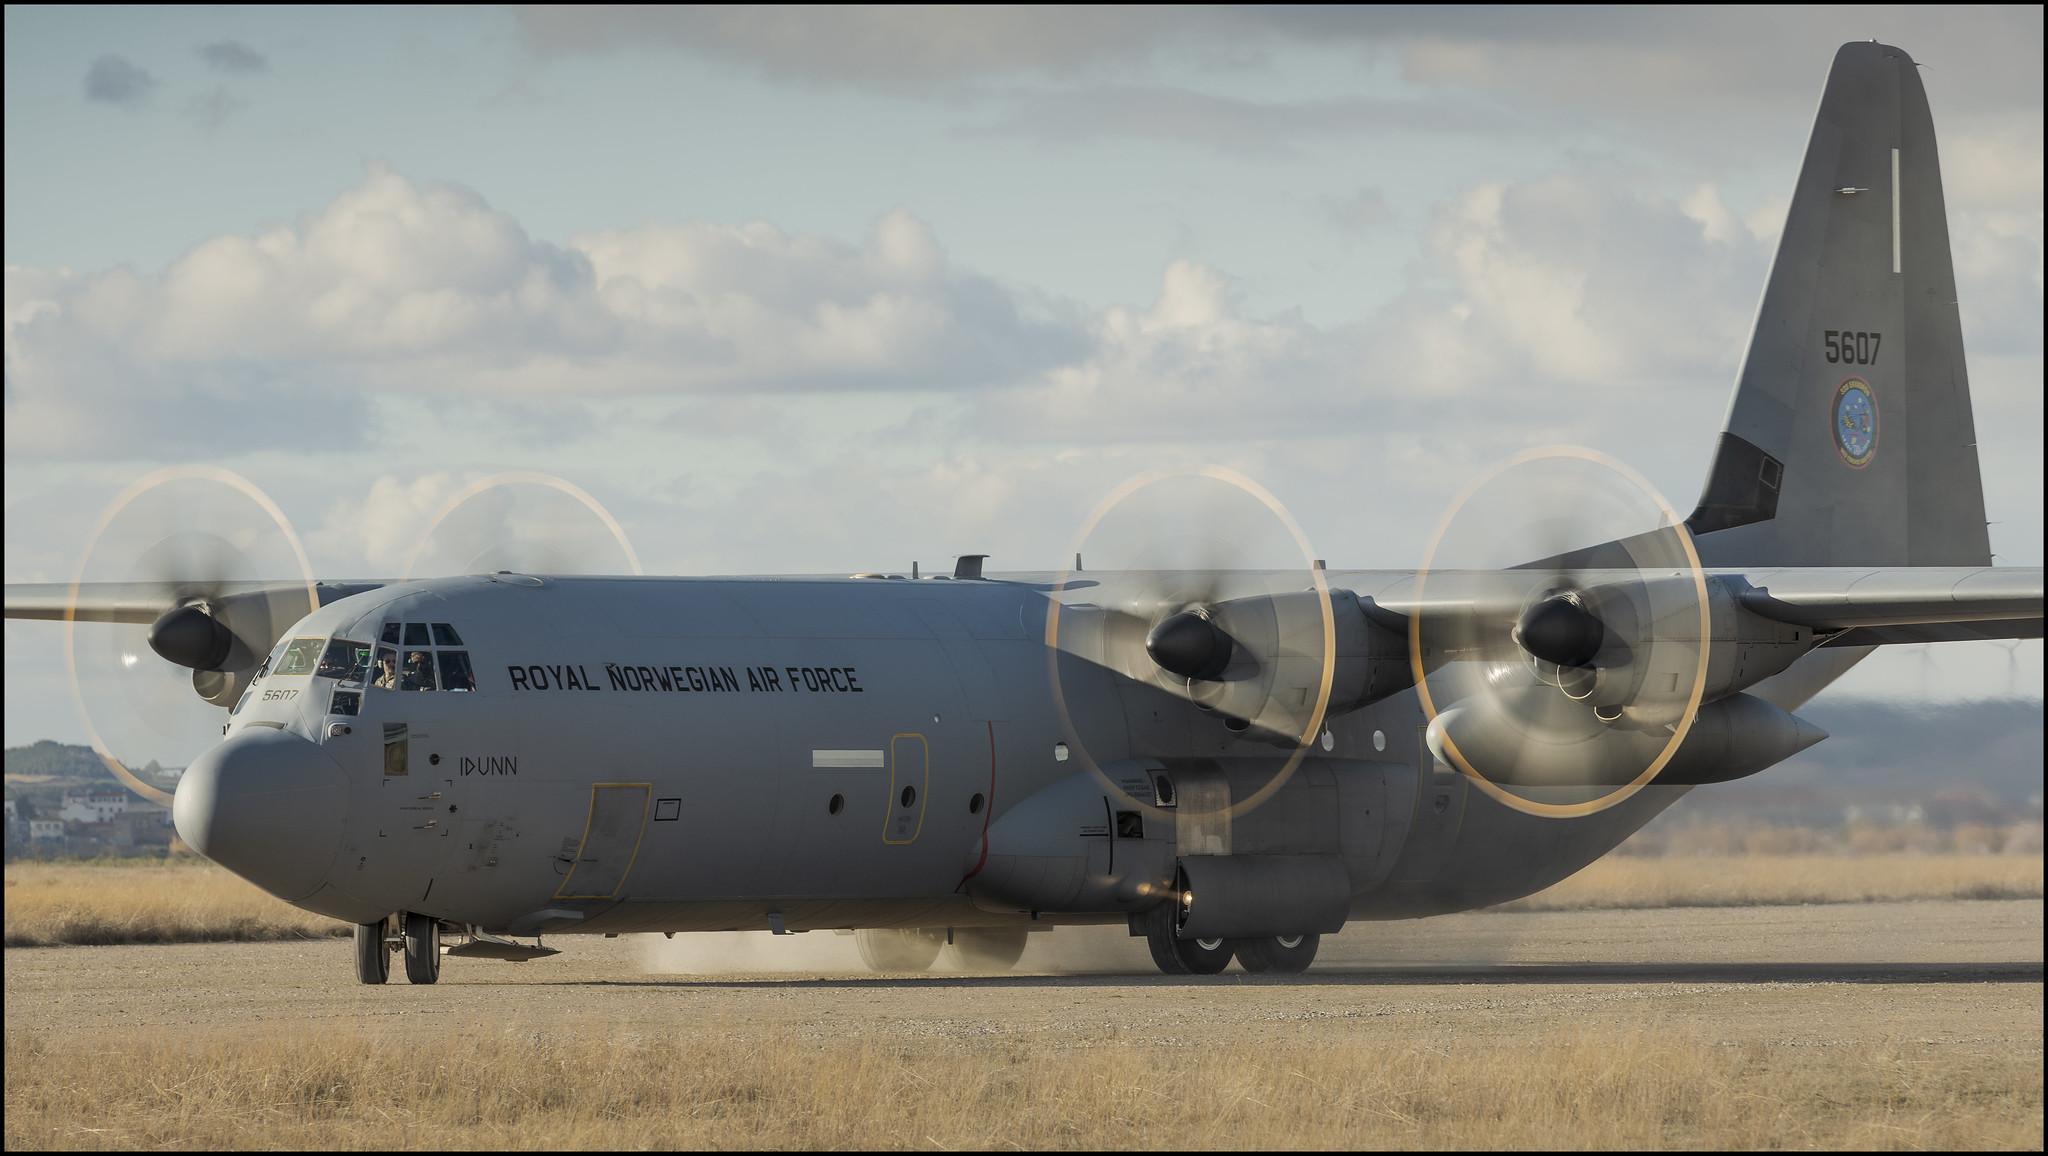 C-130 Hércules de la fuerza aérea noruega